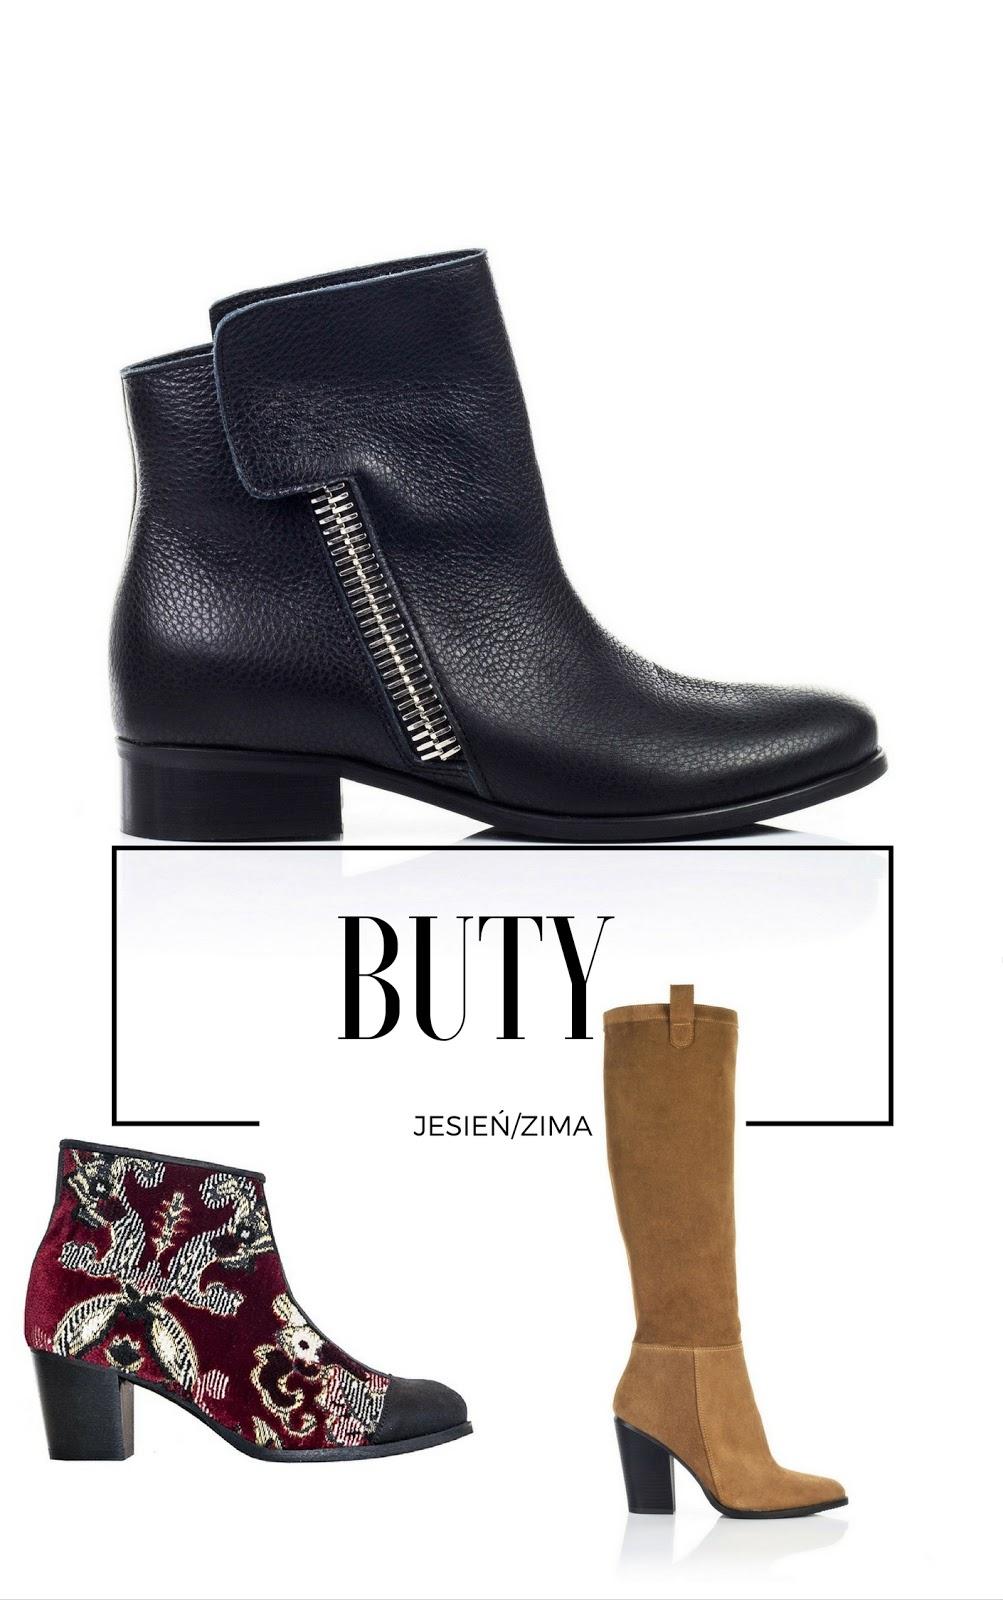 5592c7d1ead6e Gdzie kupić buty na jesień i zimę? - CAMMY - Blog o modzie   lifestylowy    o życiu   poradnik   motywacja